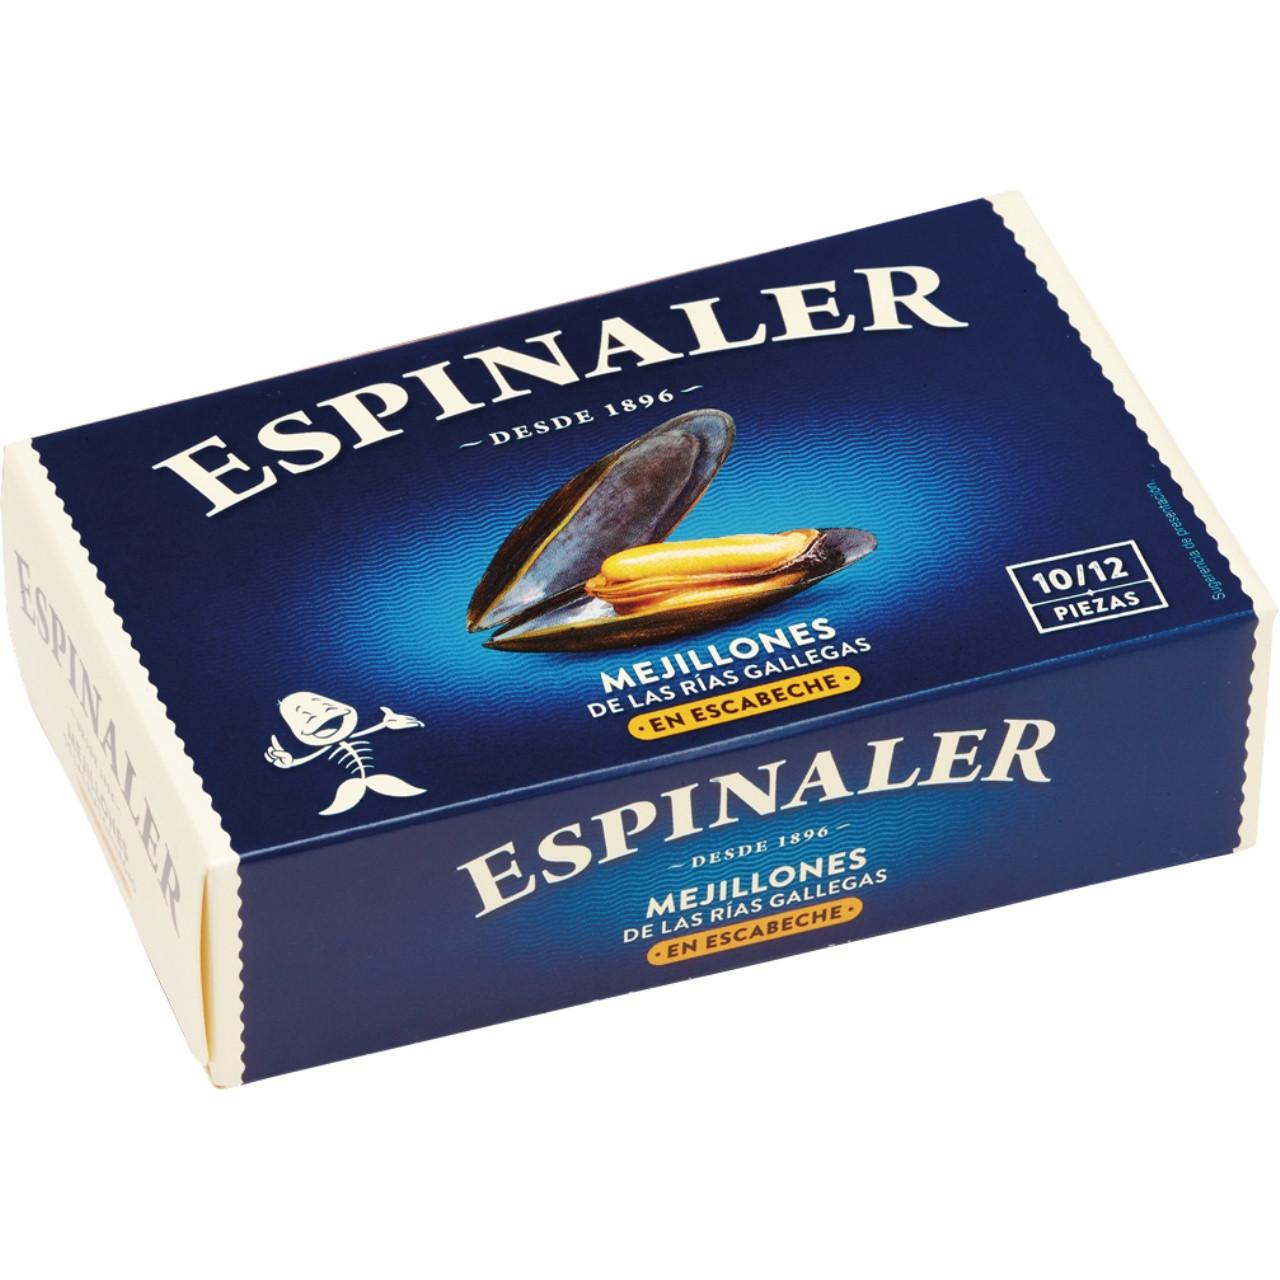 Espinaler-musclos escabetx ol120 10/12